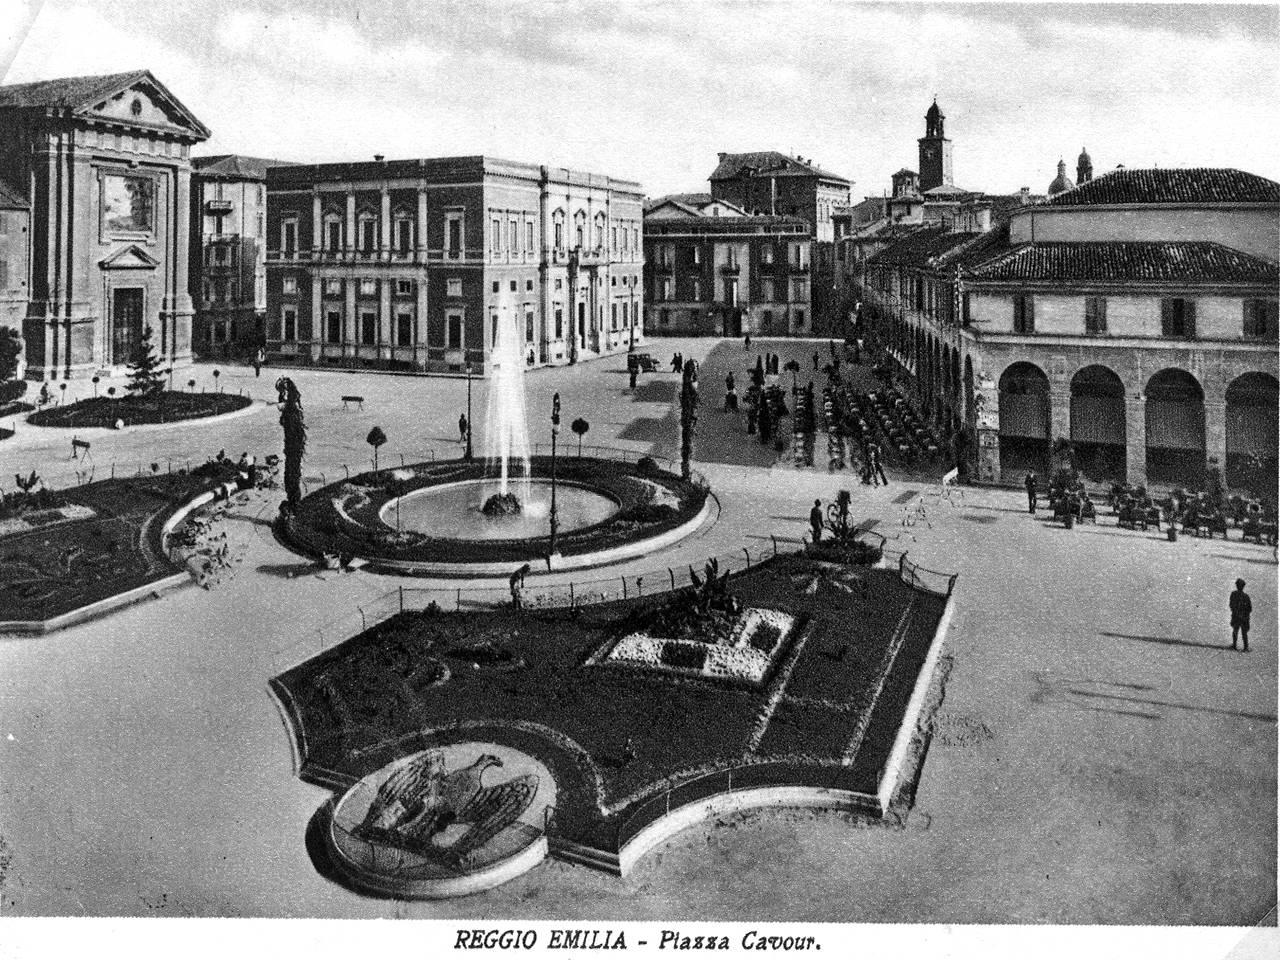 Piazza Cavour - Reggio Emilia - Oggi Piazza Martiri 7 Luglio